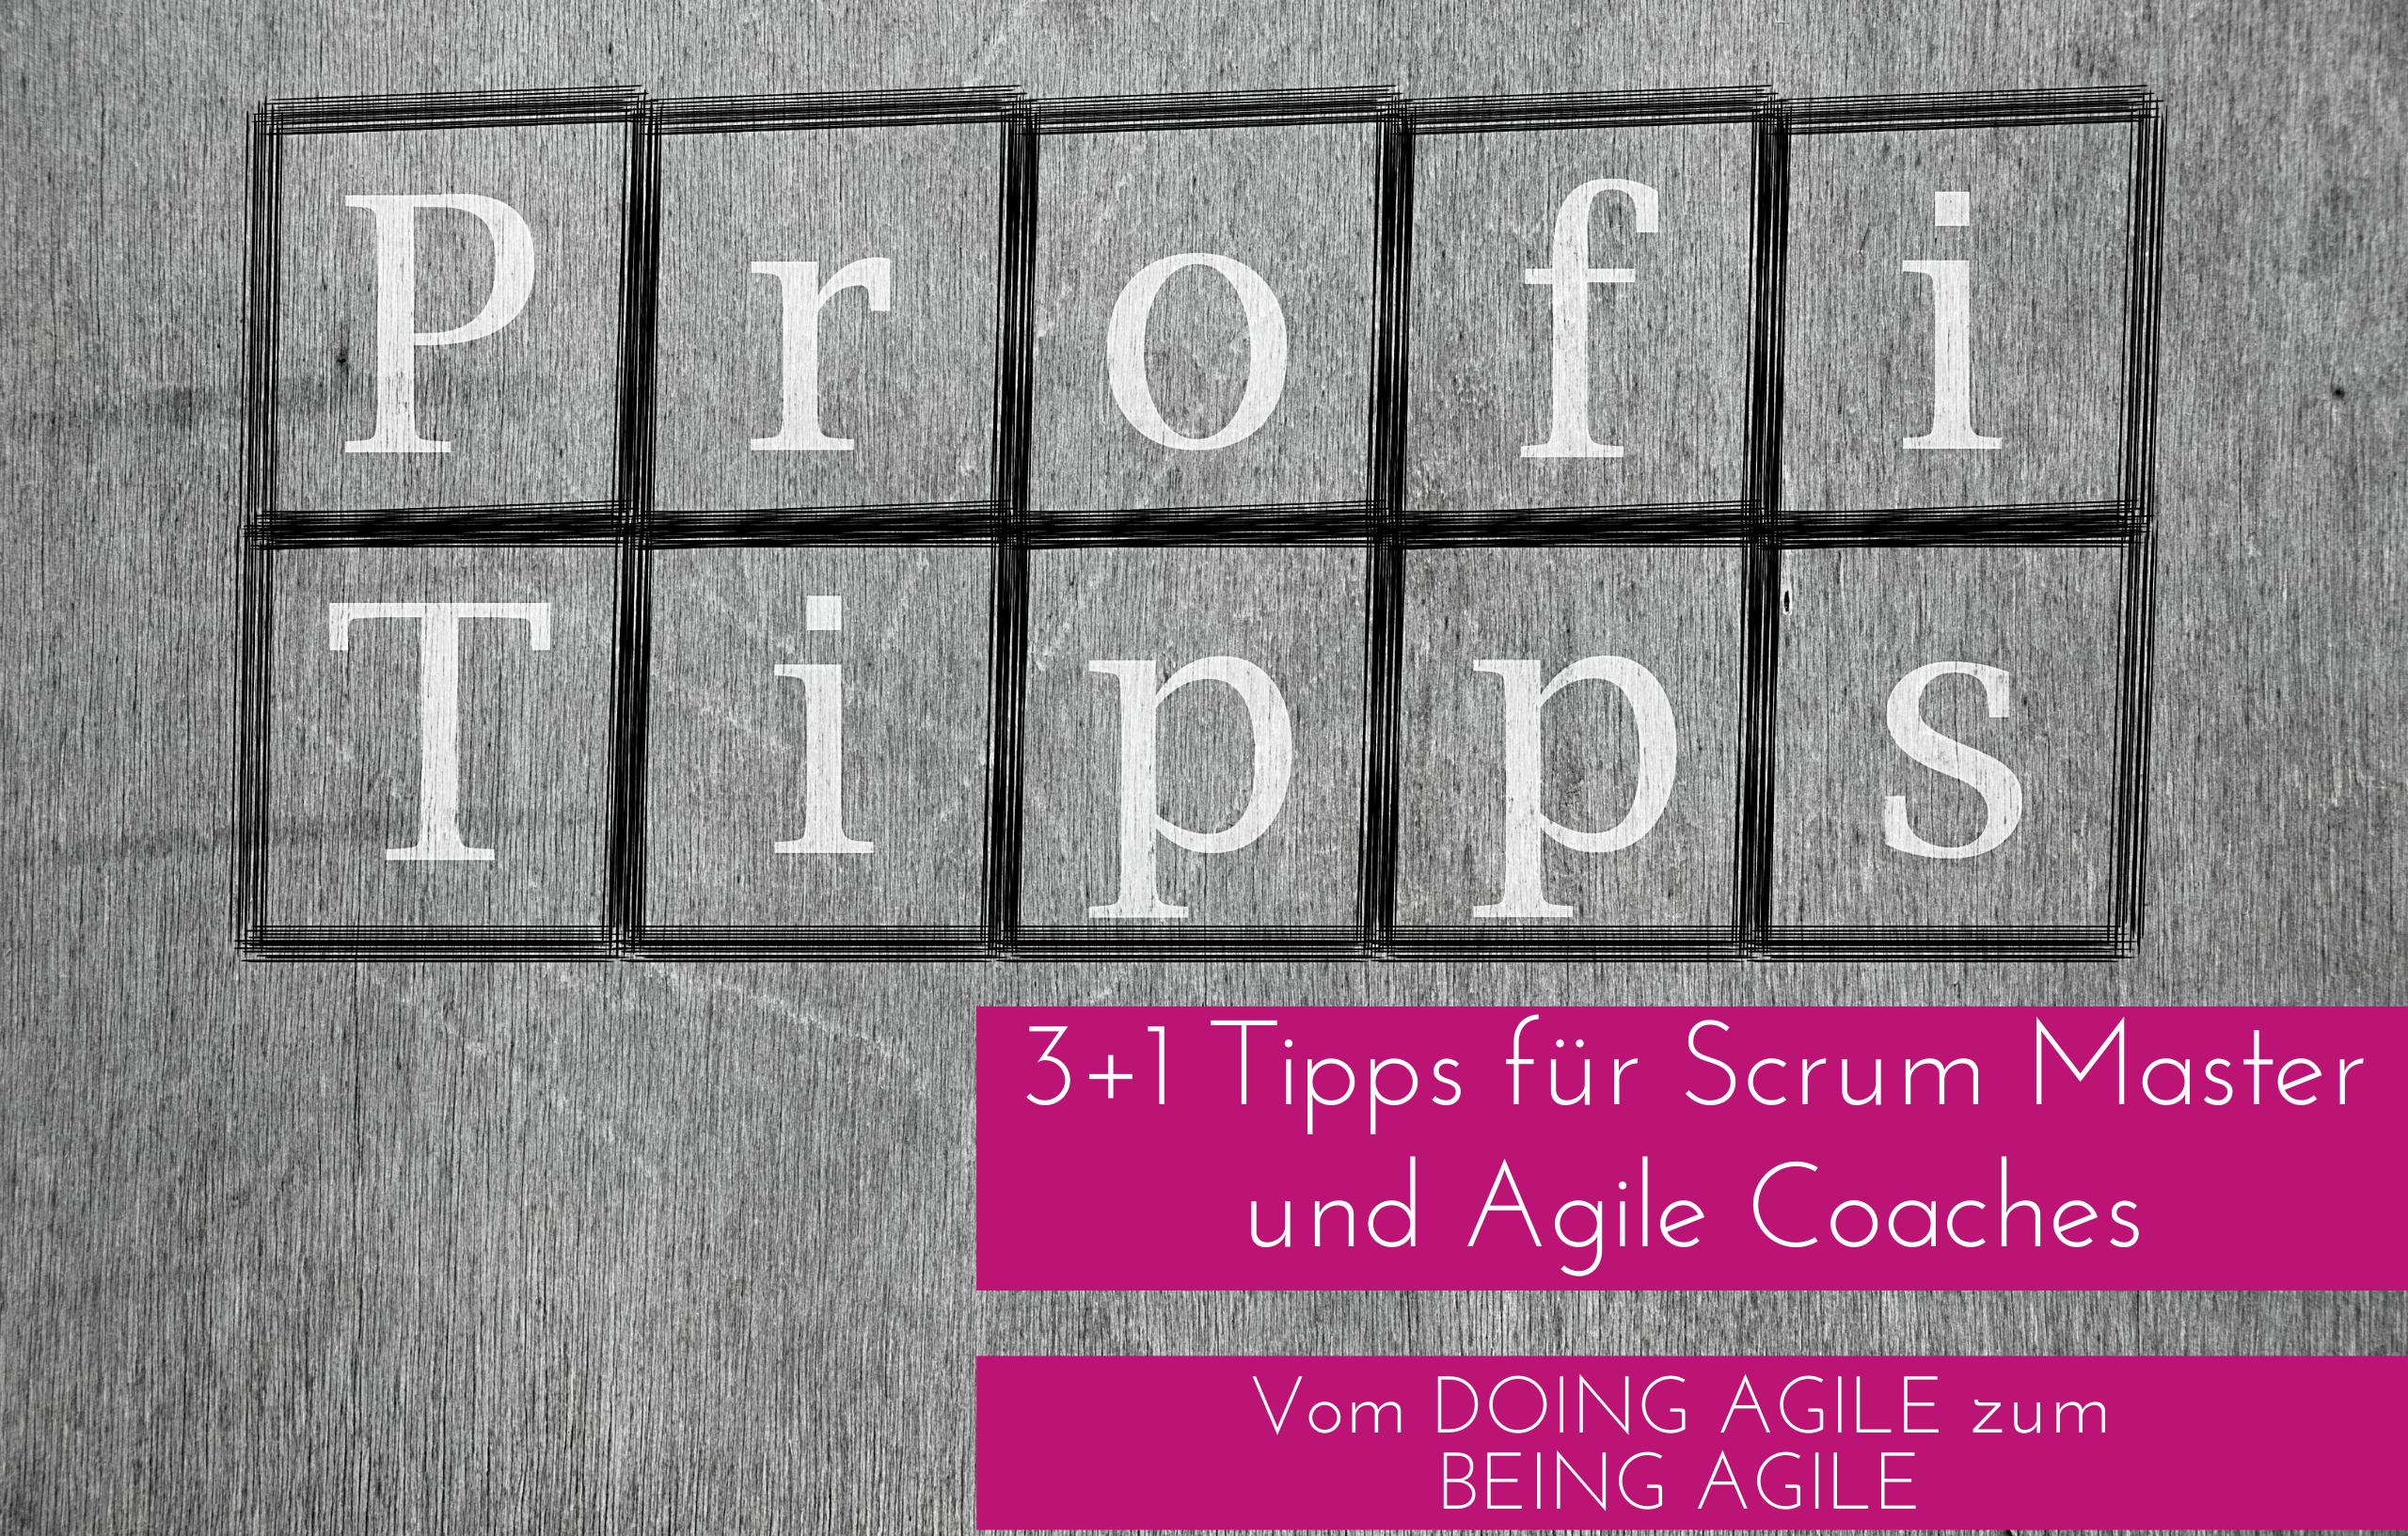 3 Tipps für Scrum Master und Agile Coaches